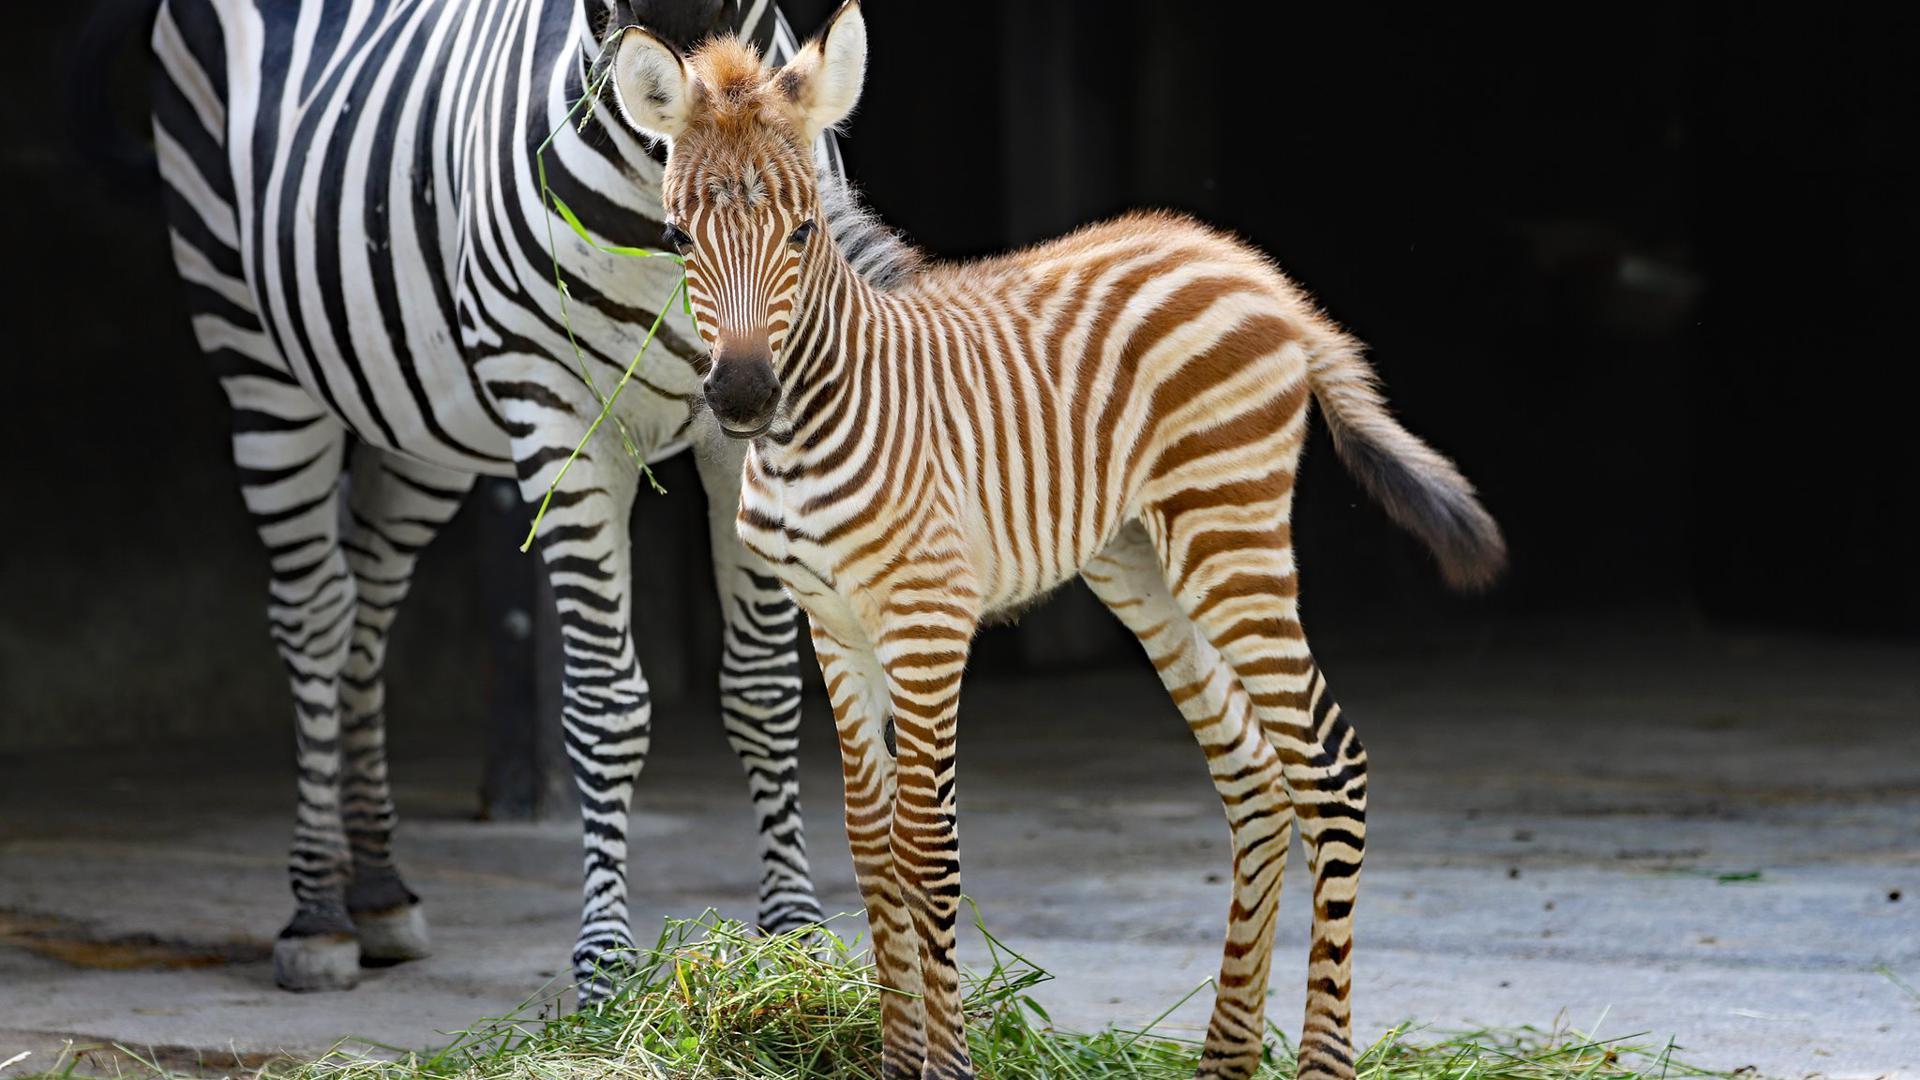 Das Zebra-Fohlen ist das erste Baby, das in diesem Jahr bei den Zebras geboren wurde.